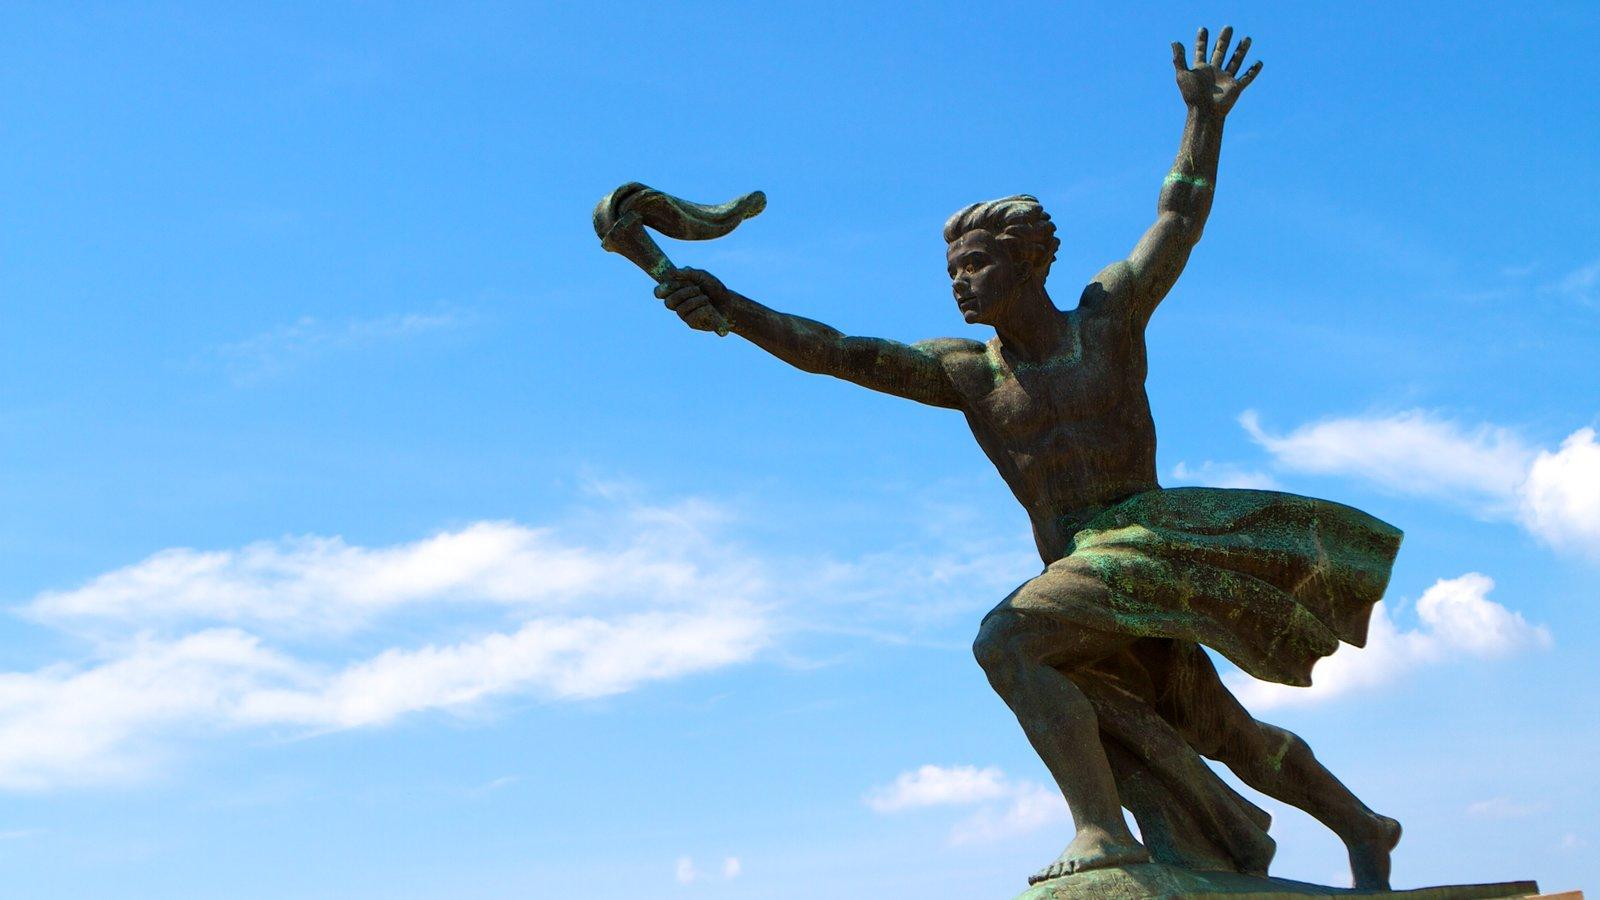 Citadella mostrando uma estátua ou escultura e elementos de patrimônio